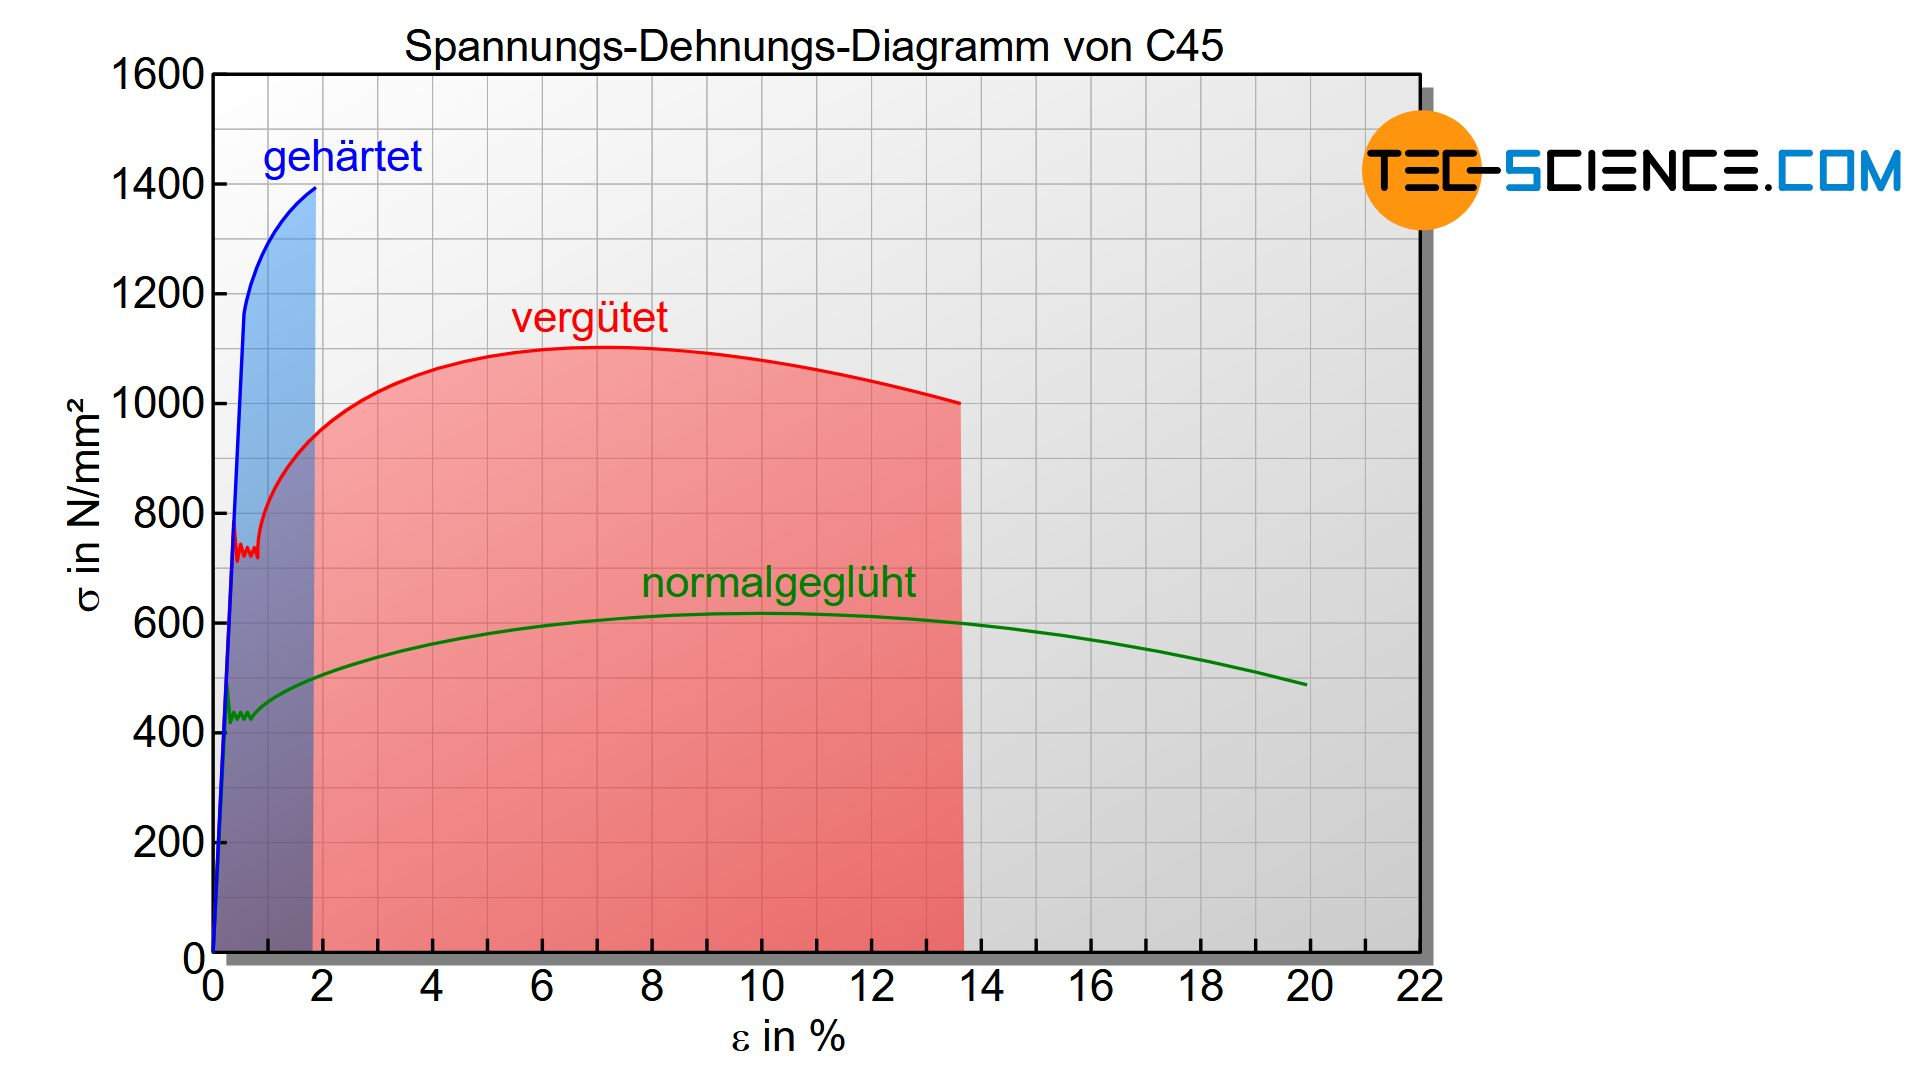 Spannungs-Dehnungs-Diagramm von C45 im gehärteten, vergüteten und normalgelühtem Zustand